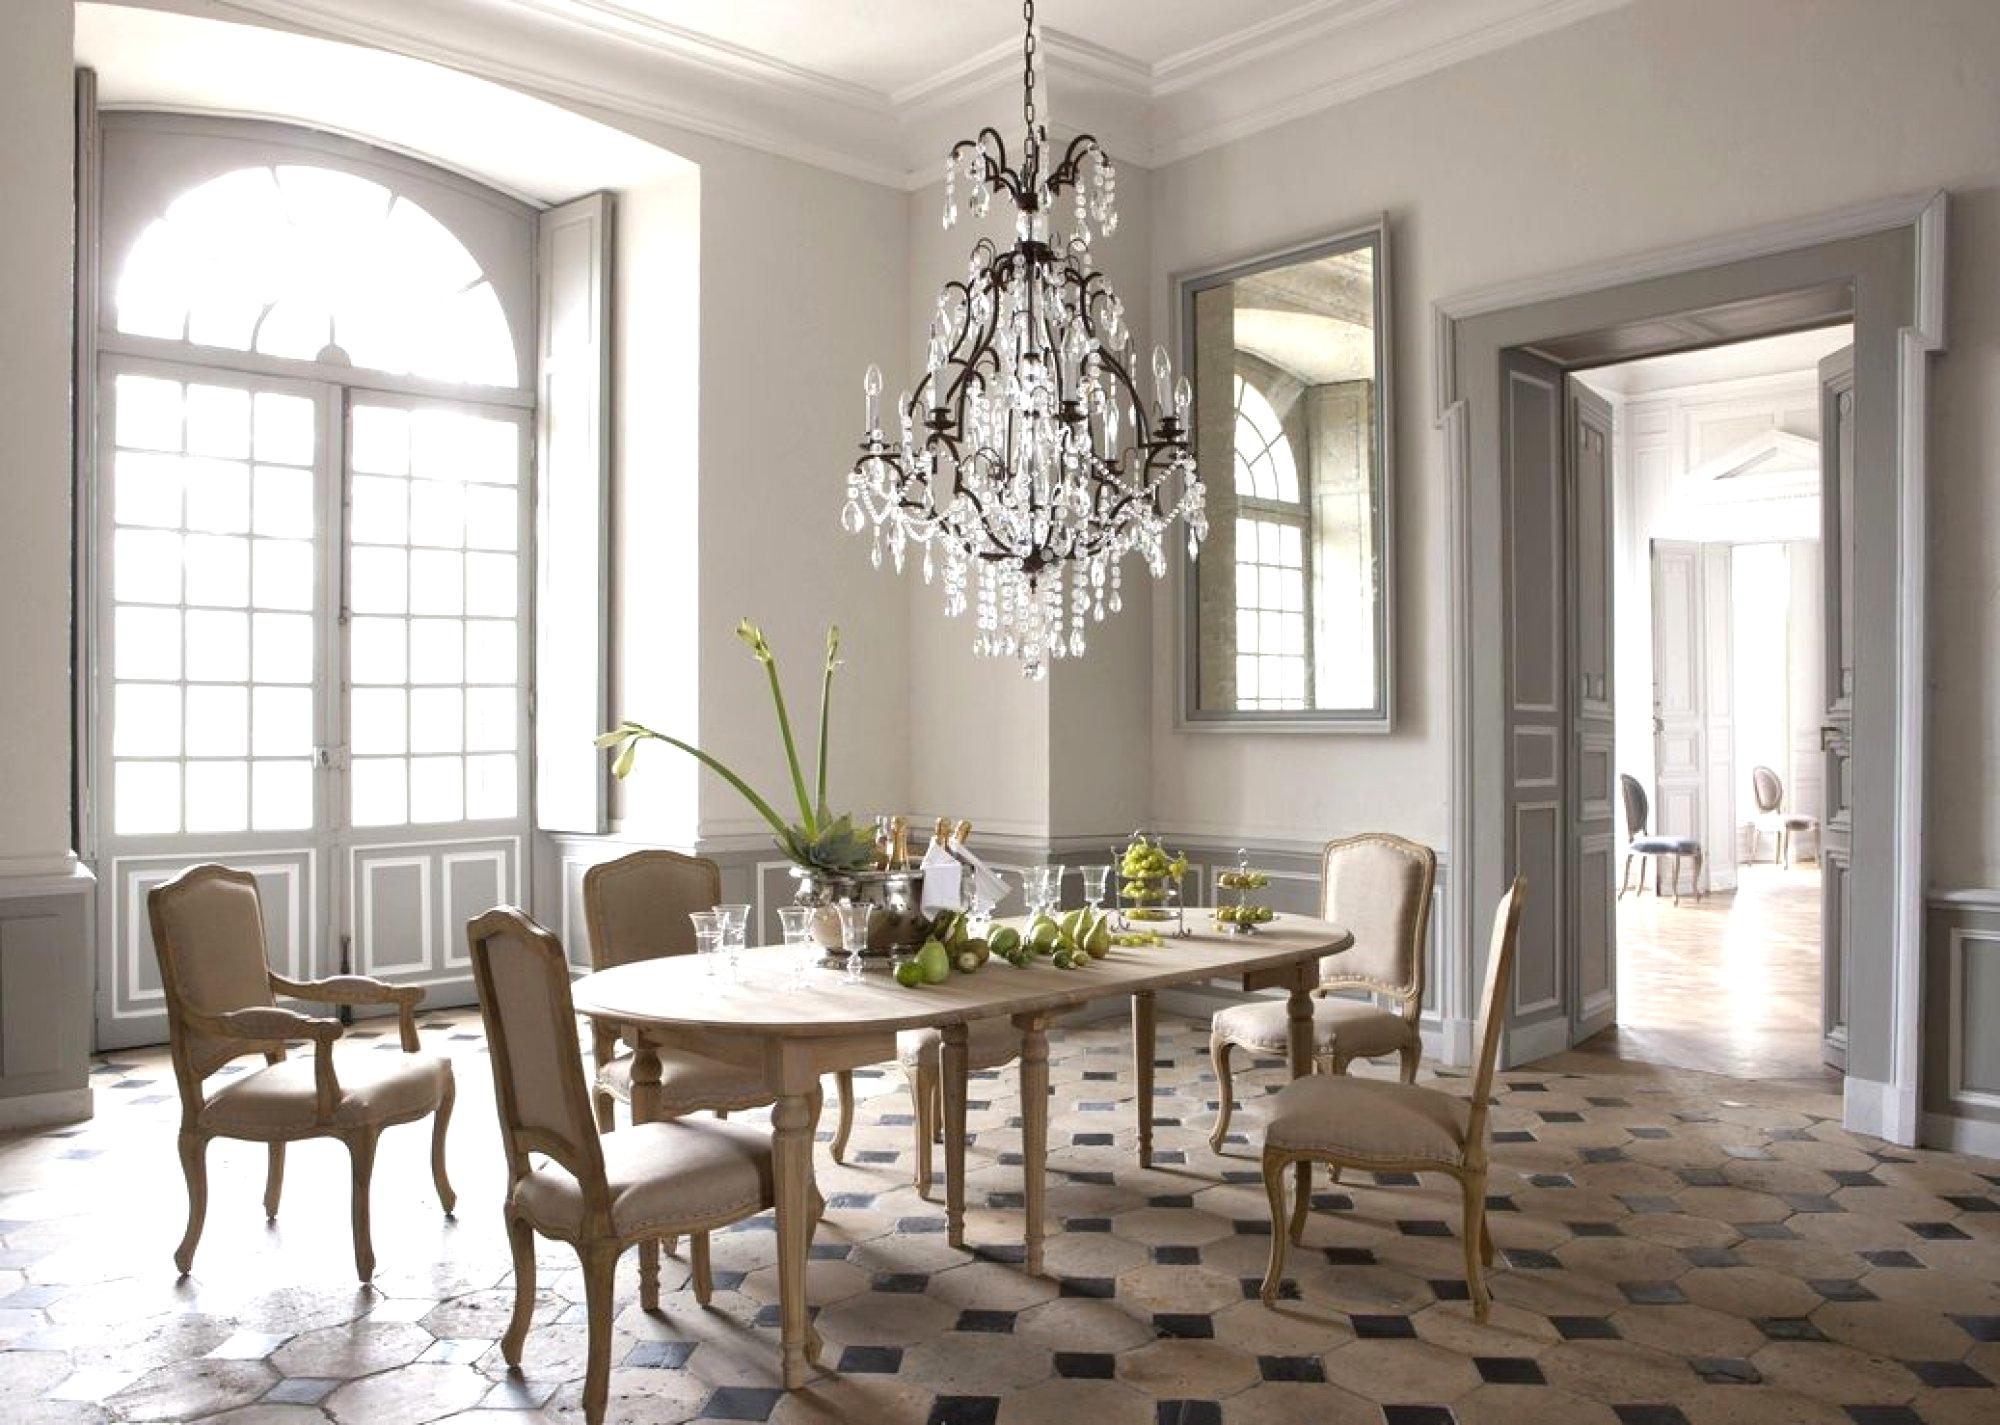 Большие окна, люстры, клетчатая плитка и зеркала в столовой в стиле французских интерьеров